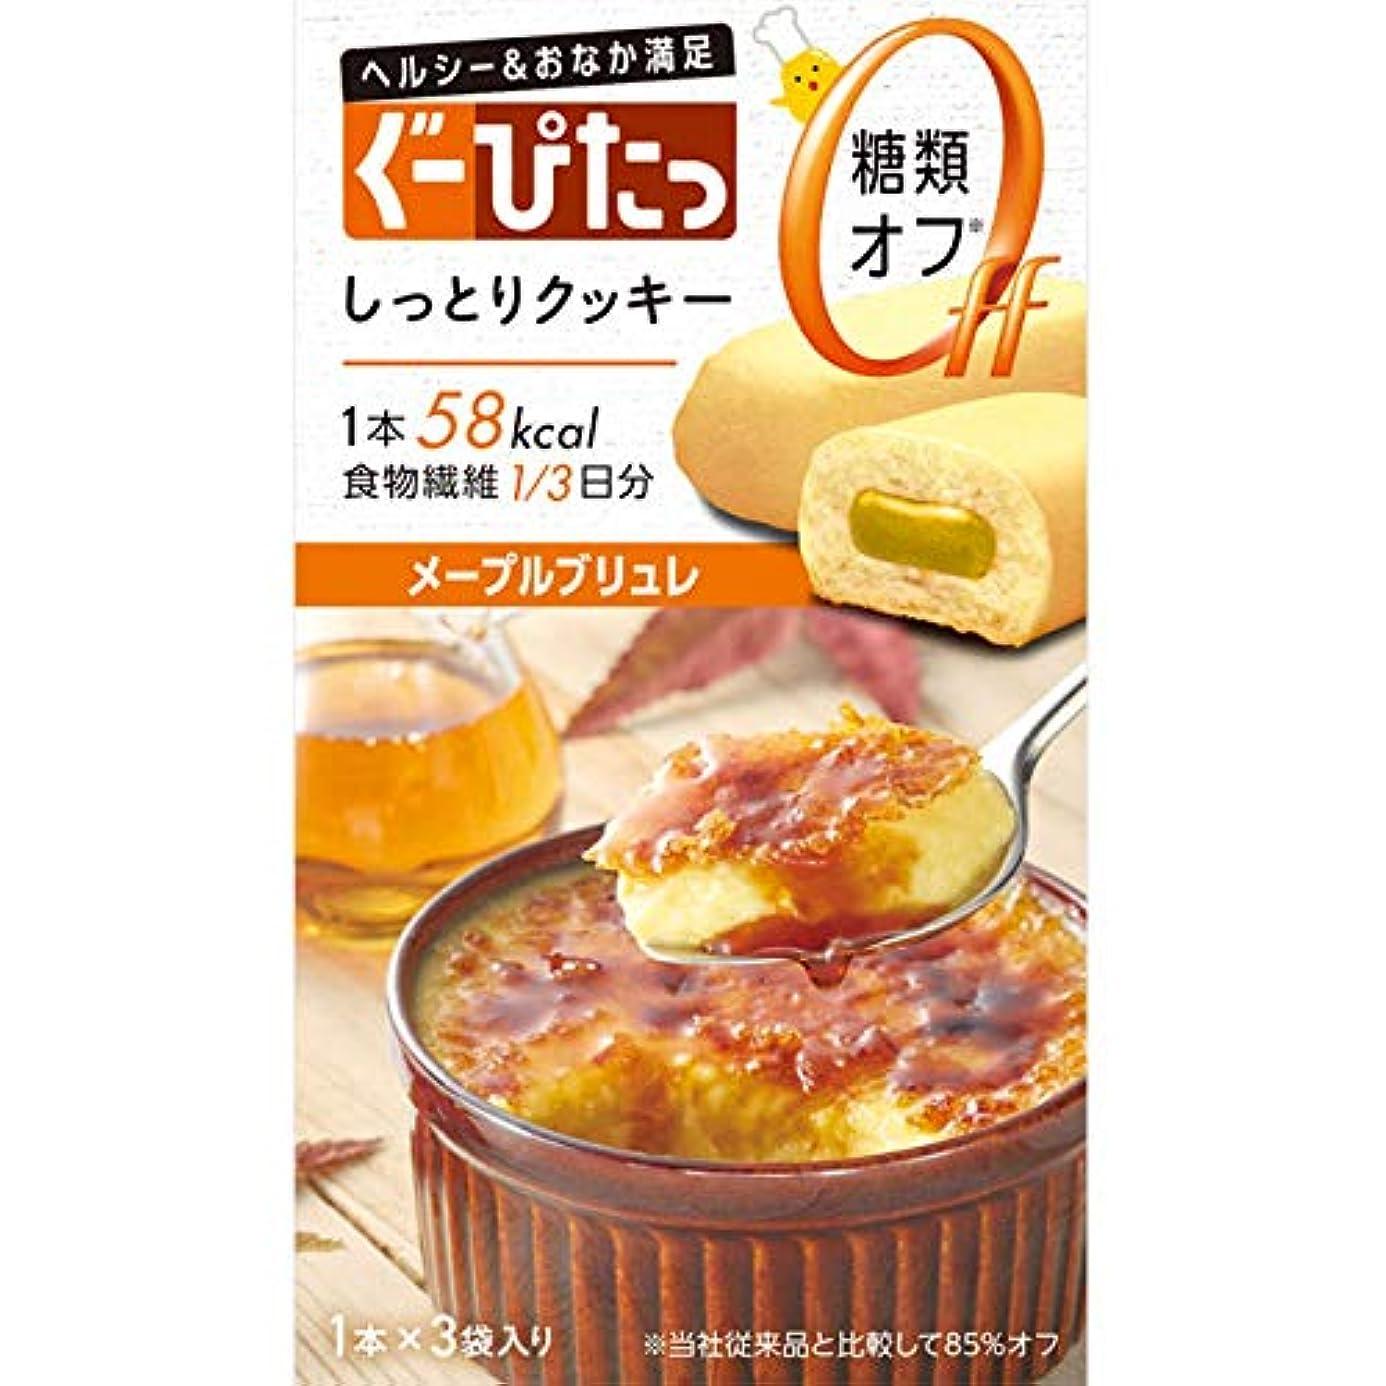 大工更新する東ティモールナリスアップ ぐーぴたっ しっとりクッキー メープルブリュレ (3本) ダイエット食品